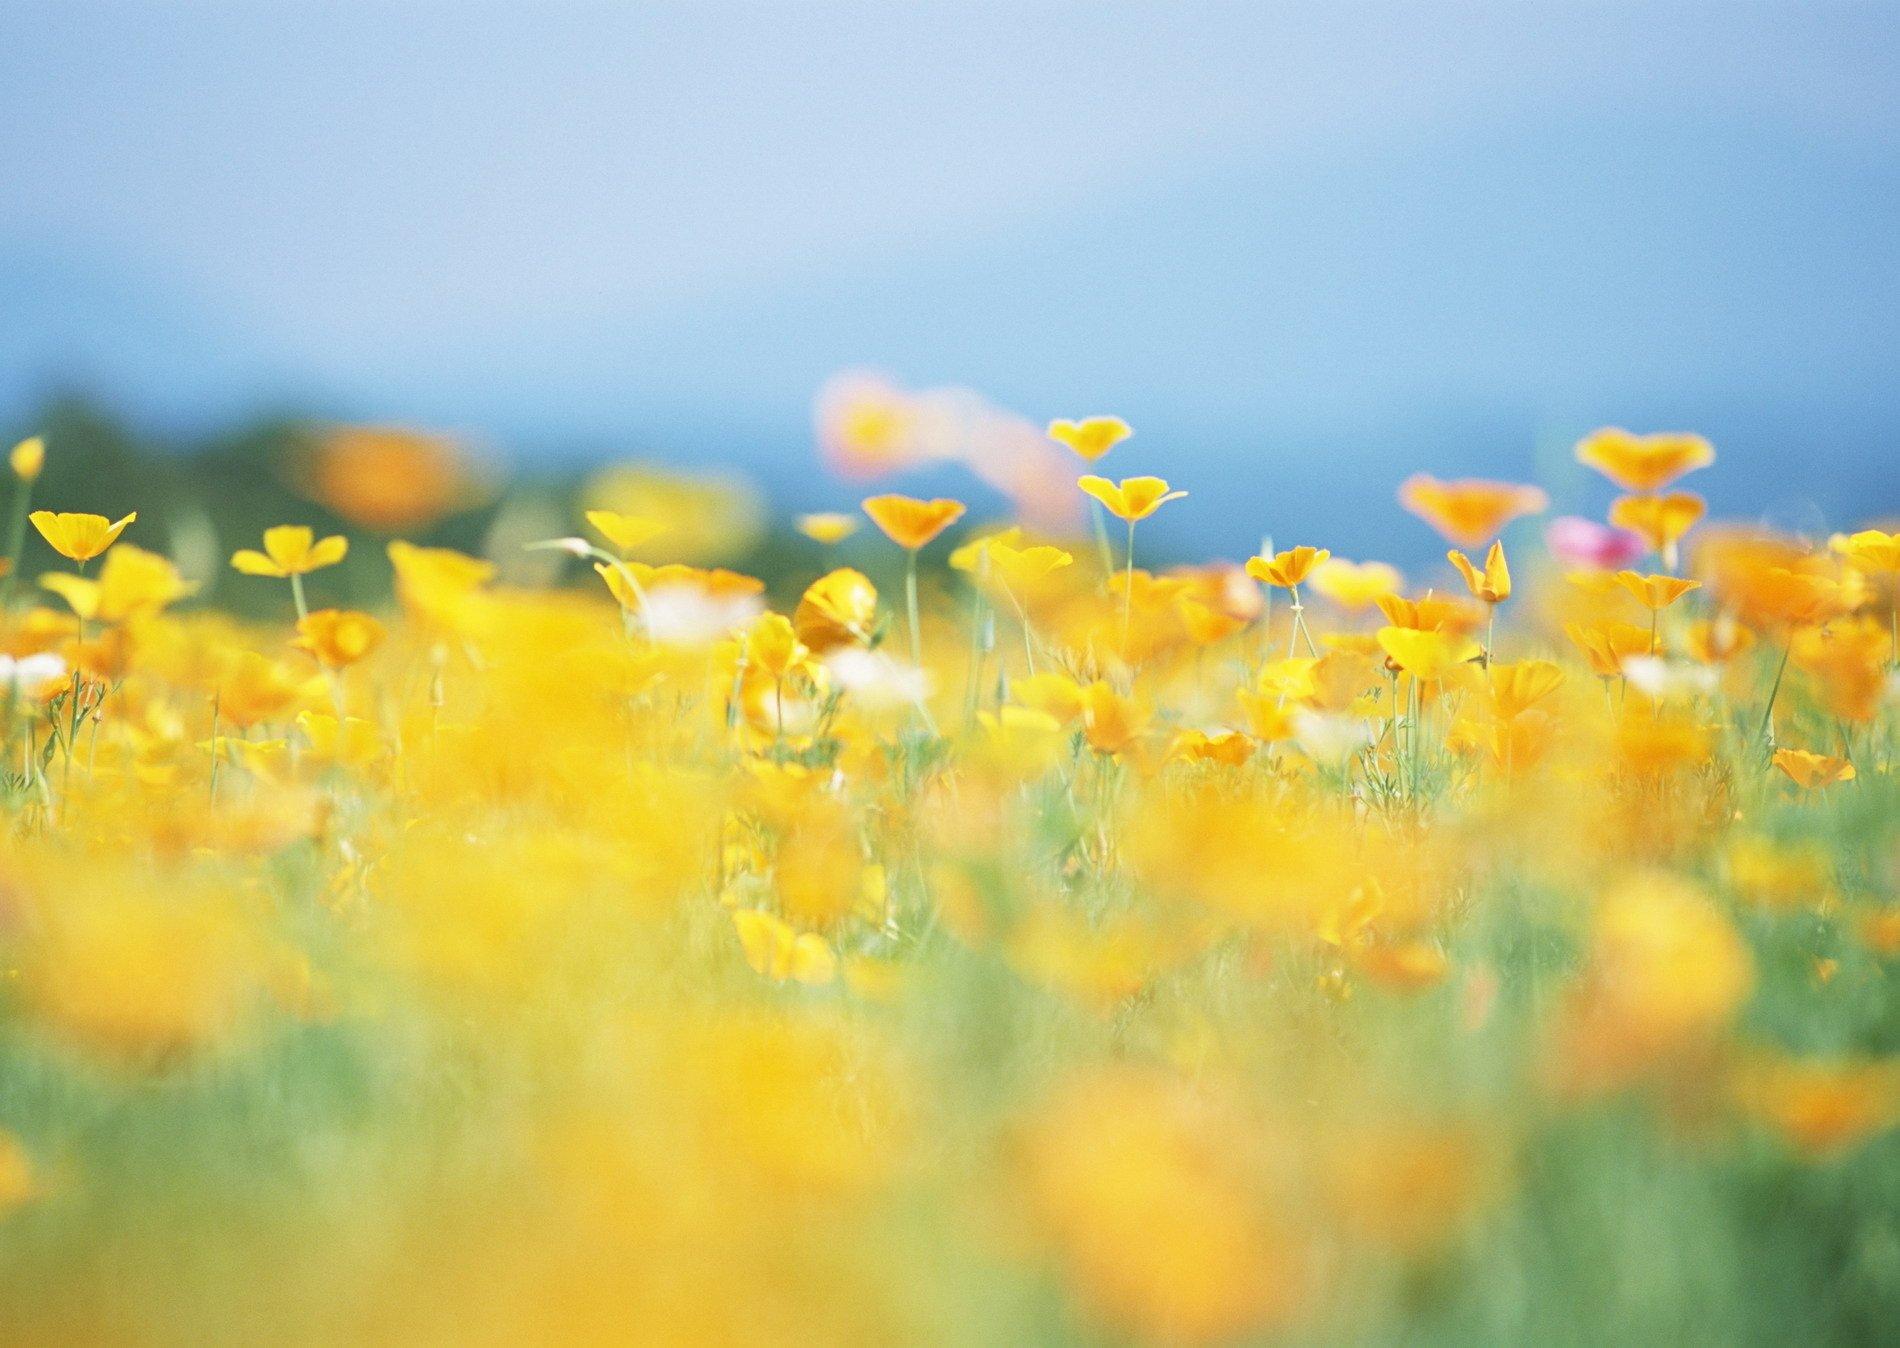 природа крупный план цветы желтые nature large plan flowers yellow скачать